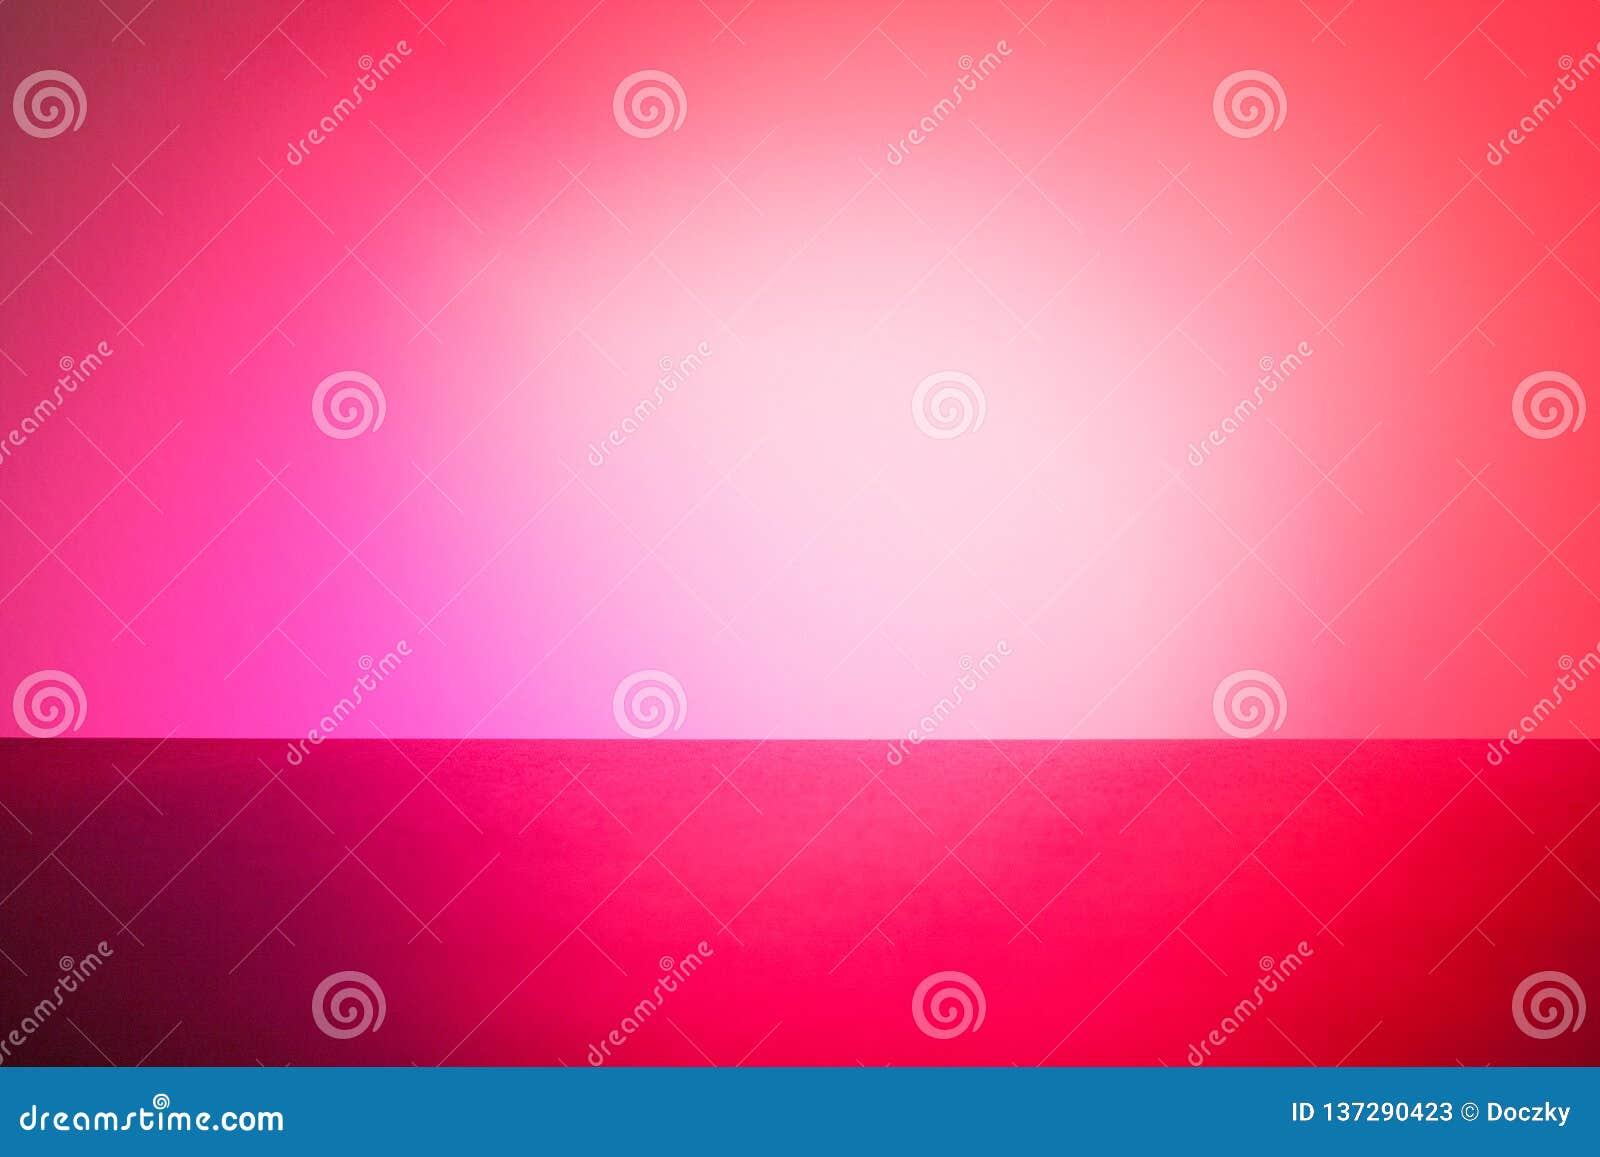 Κόκκινο υπόβαθρο που γίνεται από την ελαφριά επίδραση disco